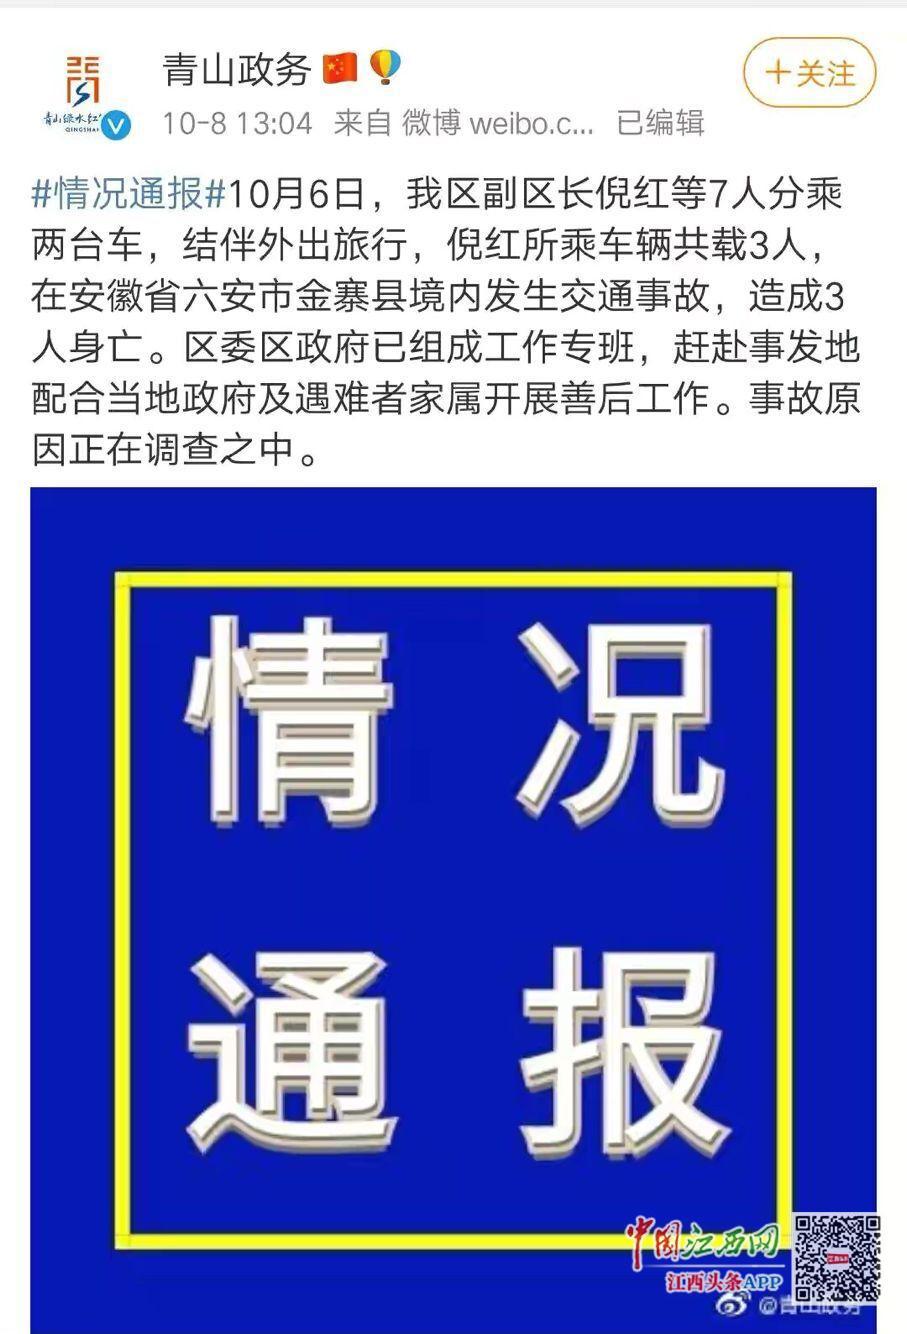 网友对武汉遇难女副区长表示遗憾 假期出行安全